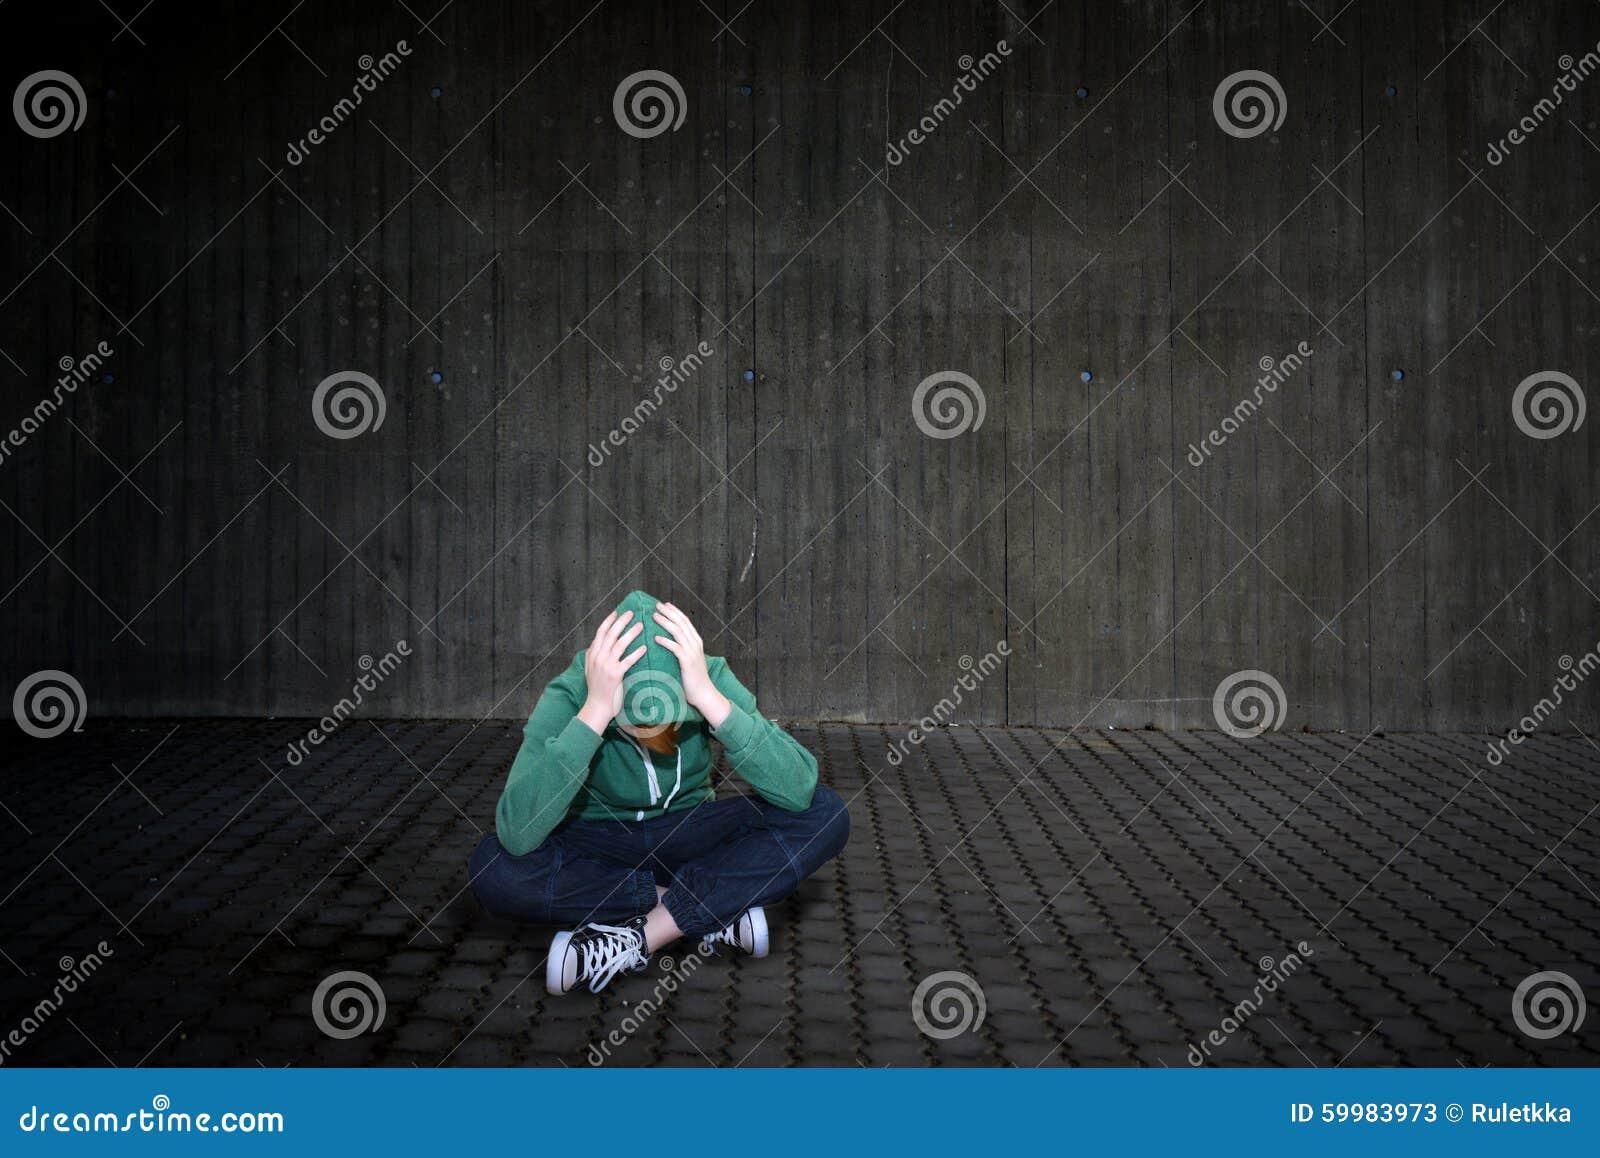 γωνιών σκοτεινός βρώμικος πατωμάτων κοριτσιών μόνος προβλημάτων εφηβικός δυστυχισμένος συνεδρίασης δωματίων λυπημένος